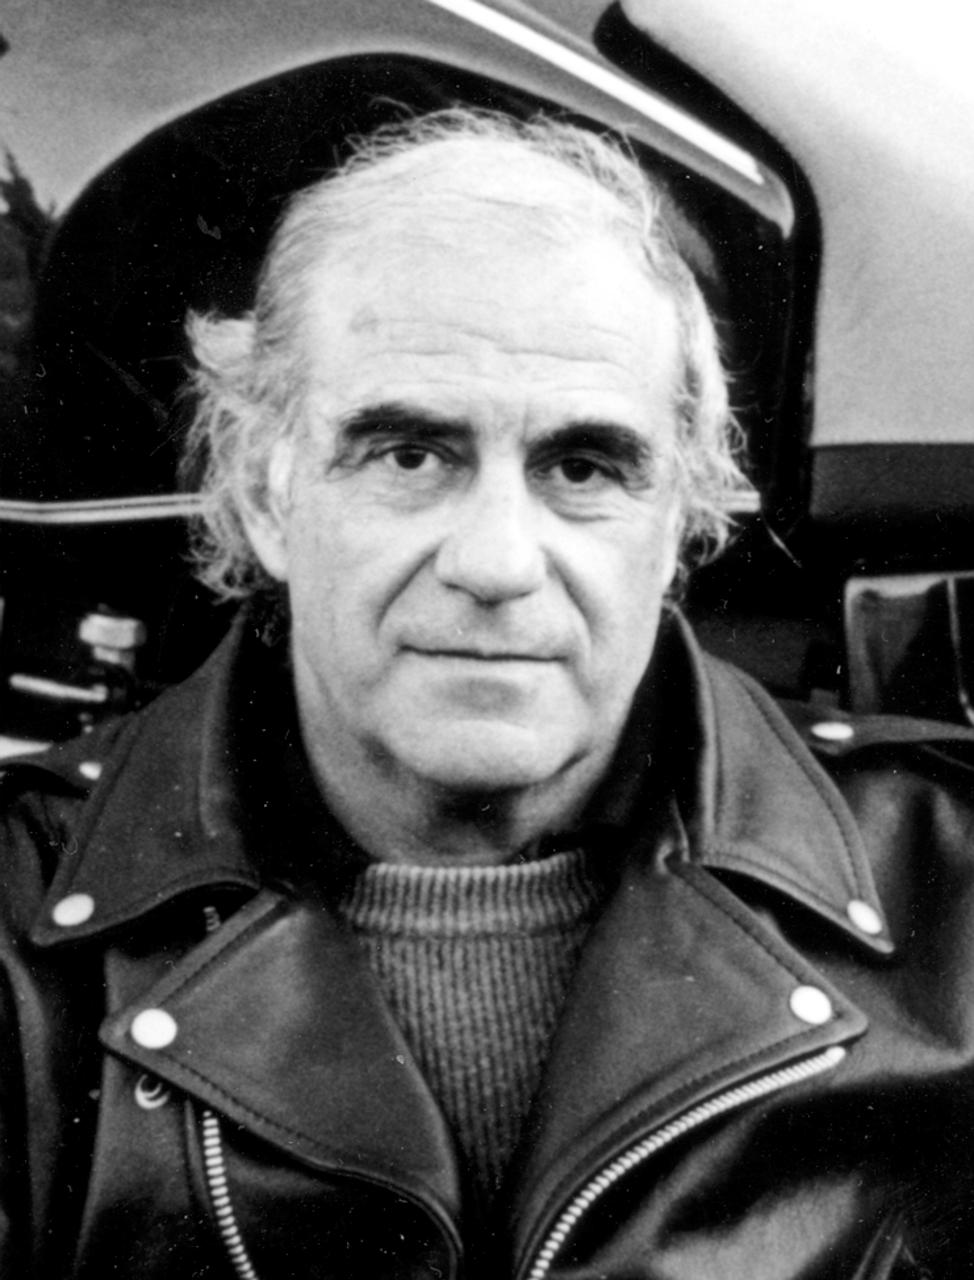 image for Henric, Jacques (né en 1938)